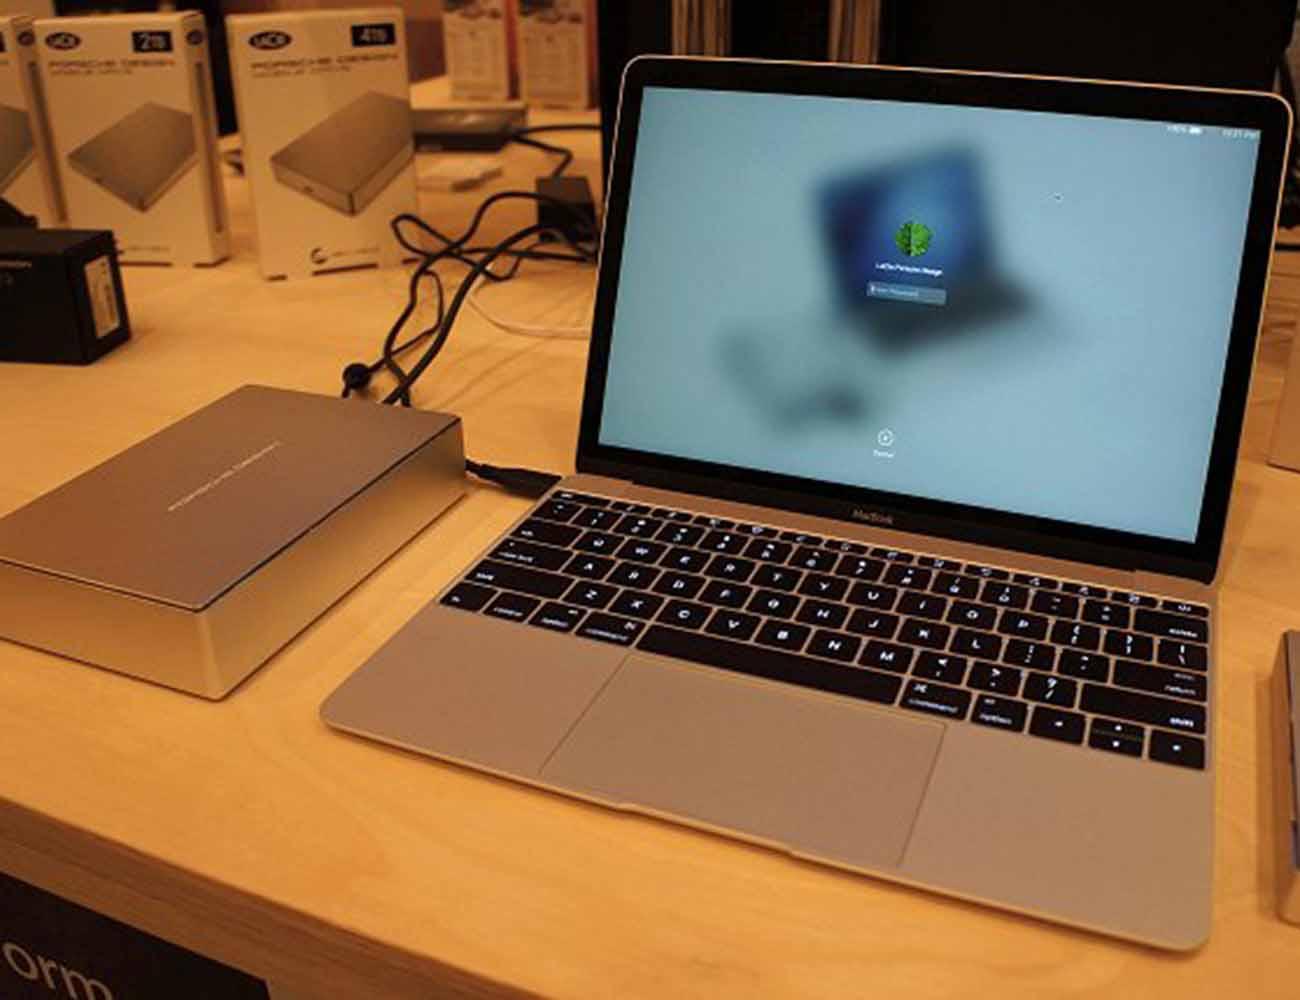 LaCie Porsche Design Desktop USB-C Drive For Next-Gen Computers